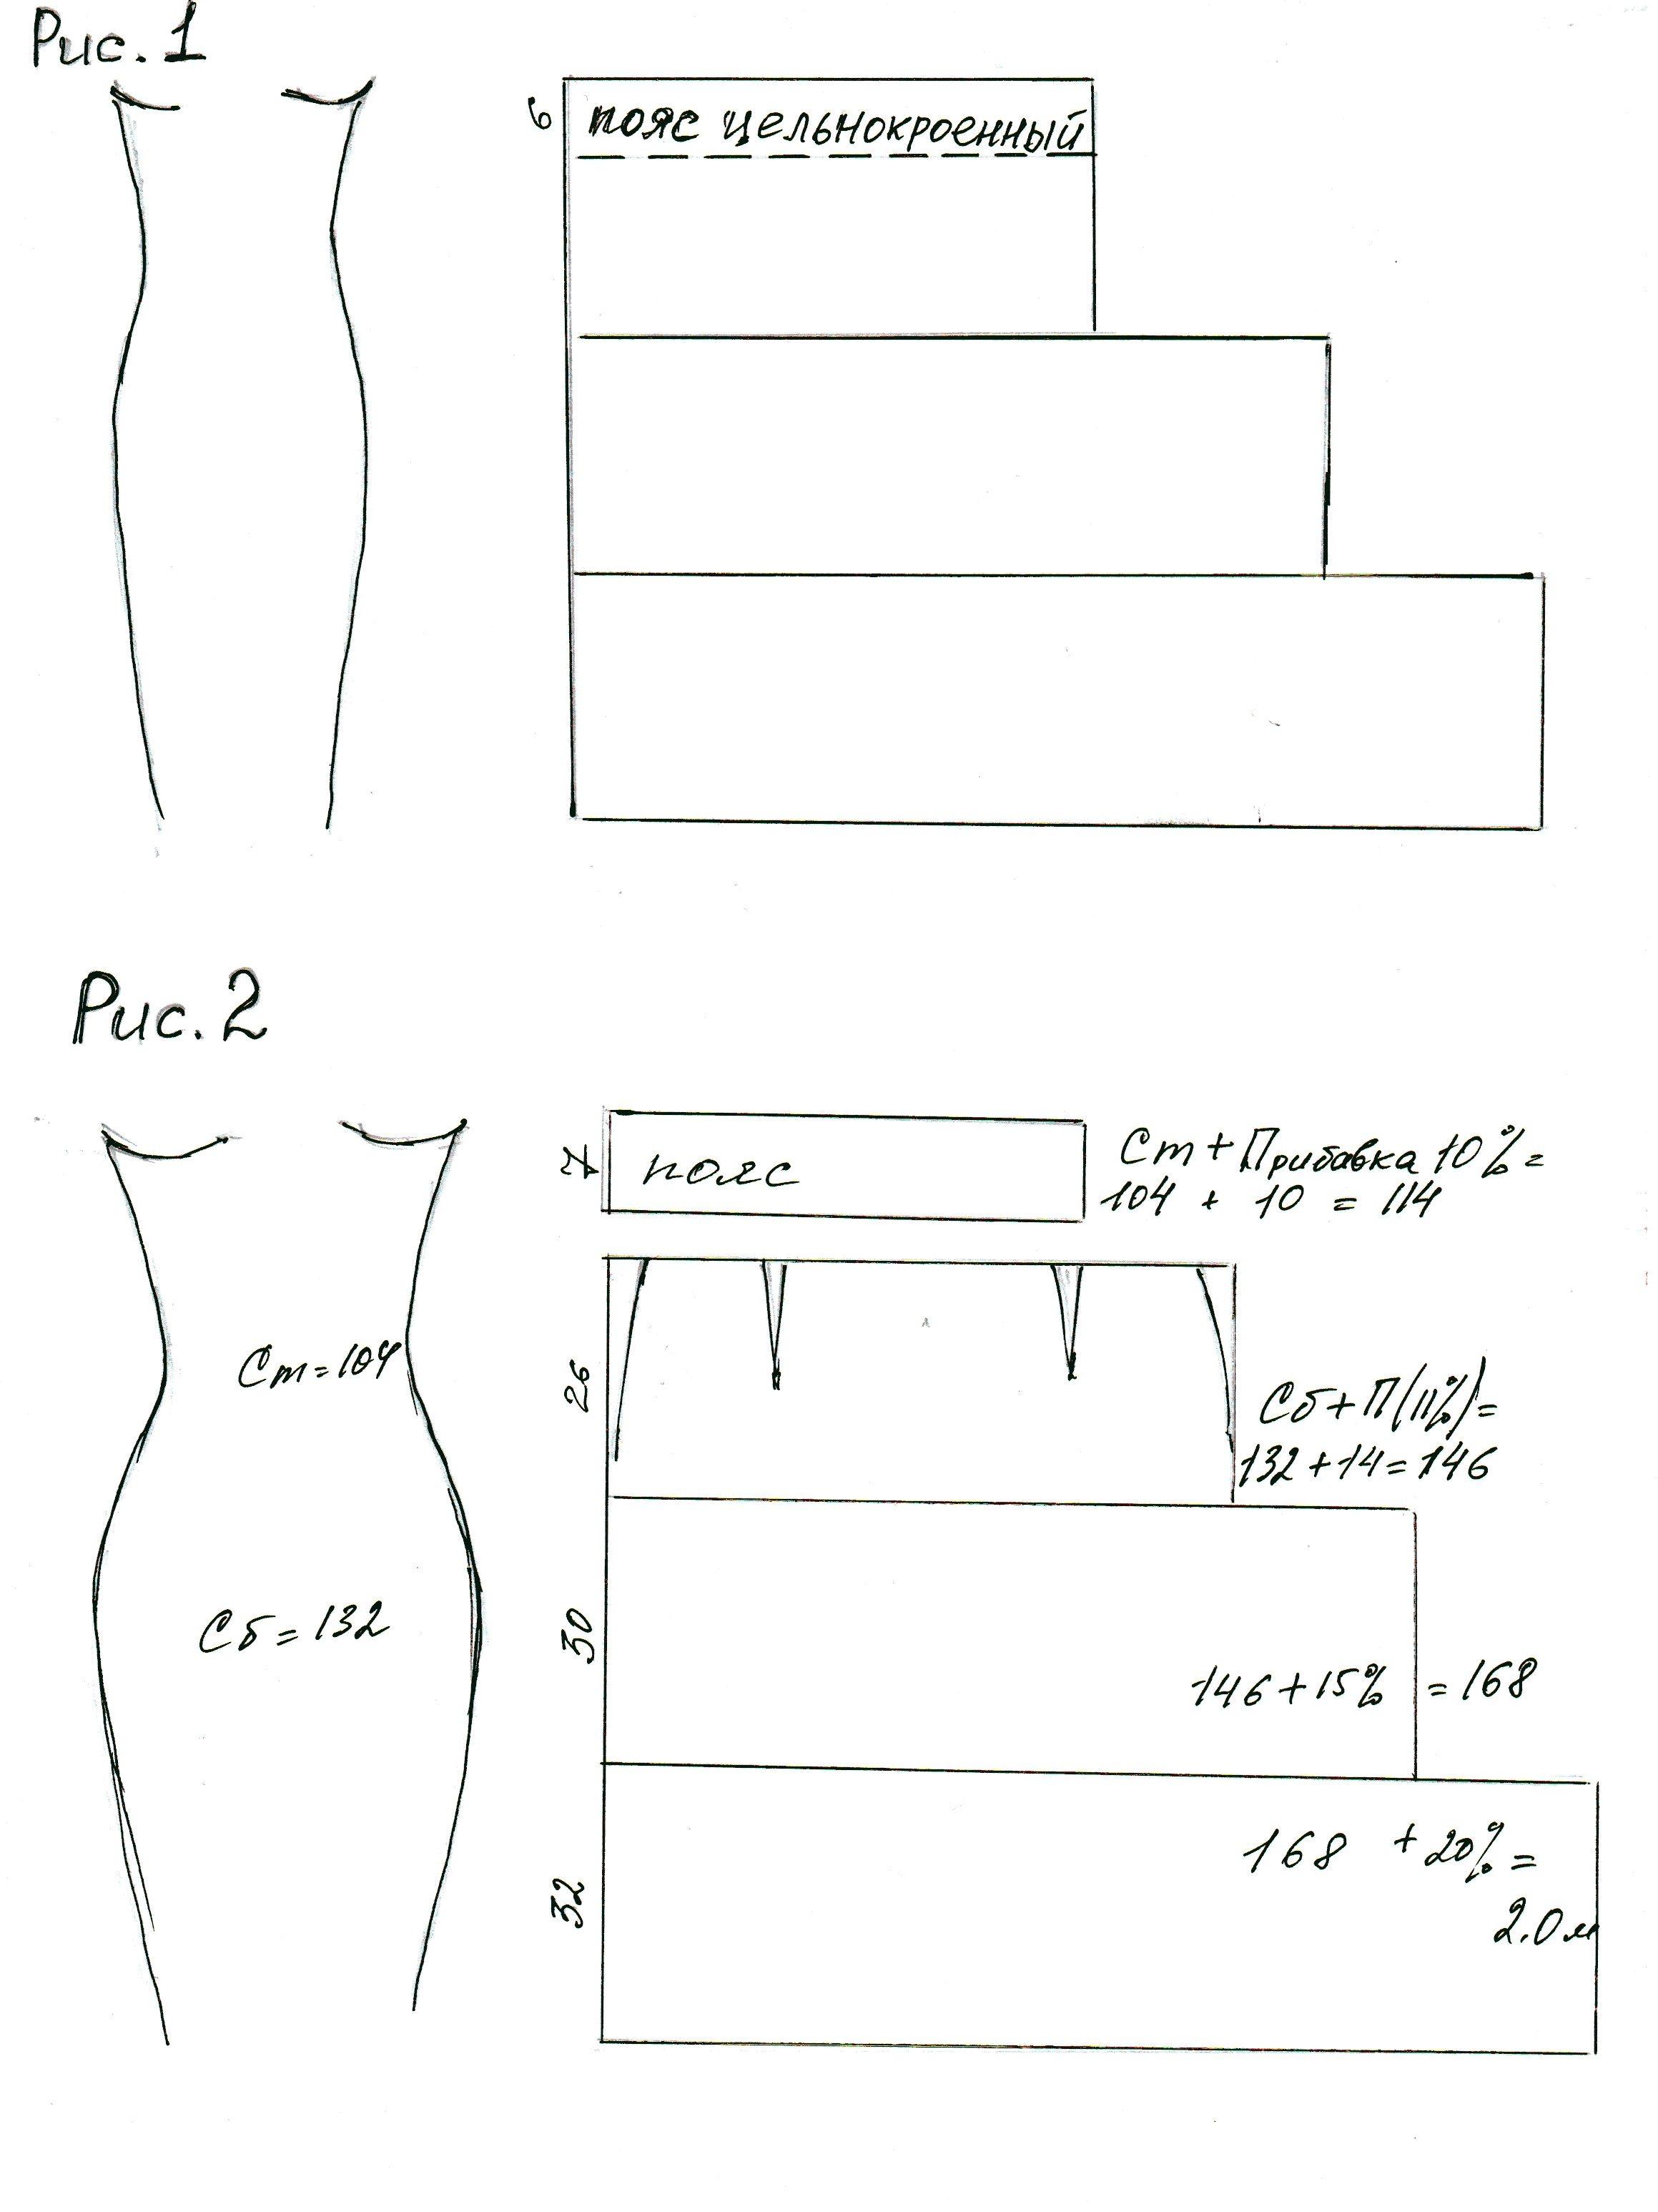 Детали юбки выкраивают с учетом припусков на швы и подгибку